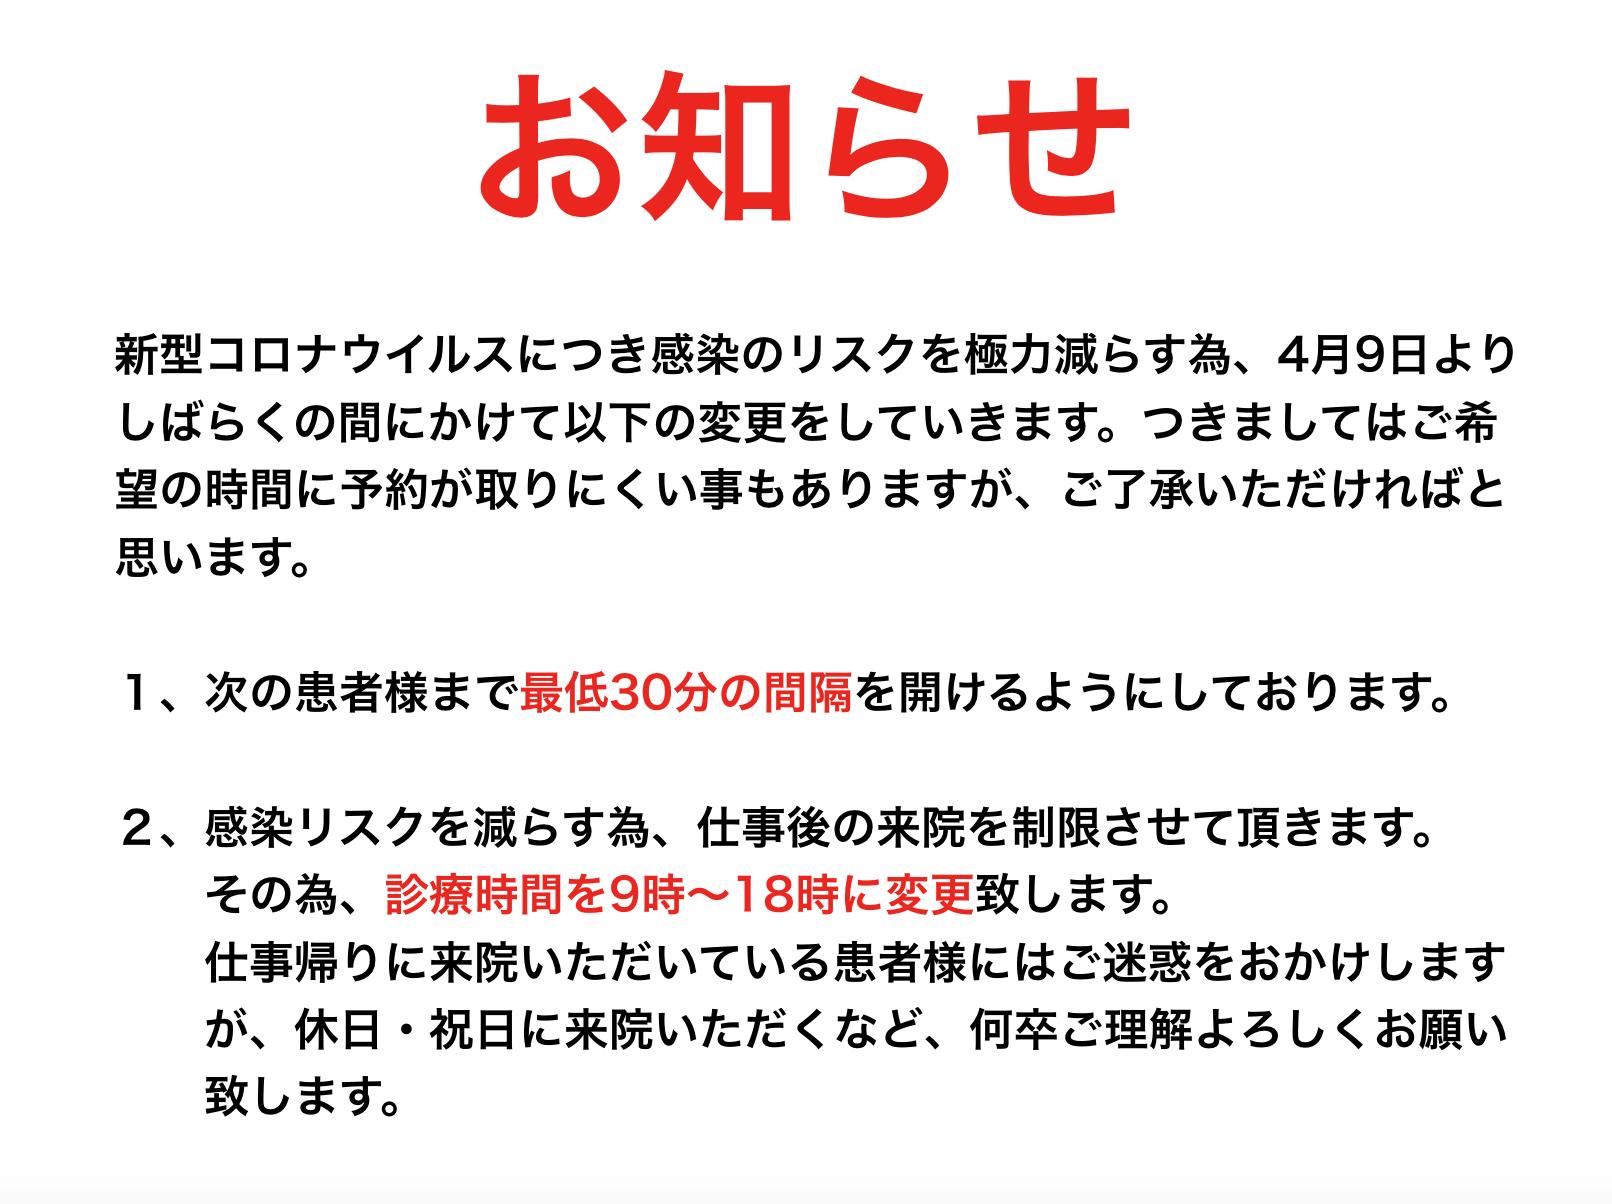 スクリーンショット 2020-05-08 18.38.26